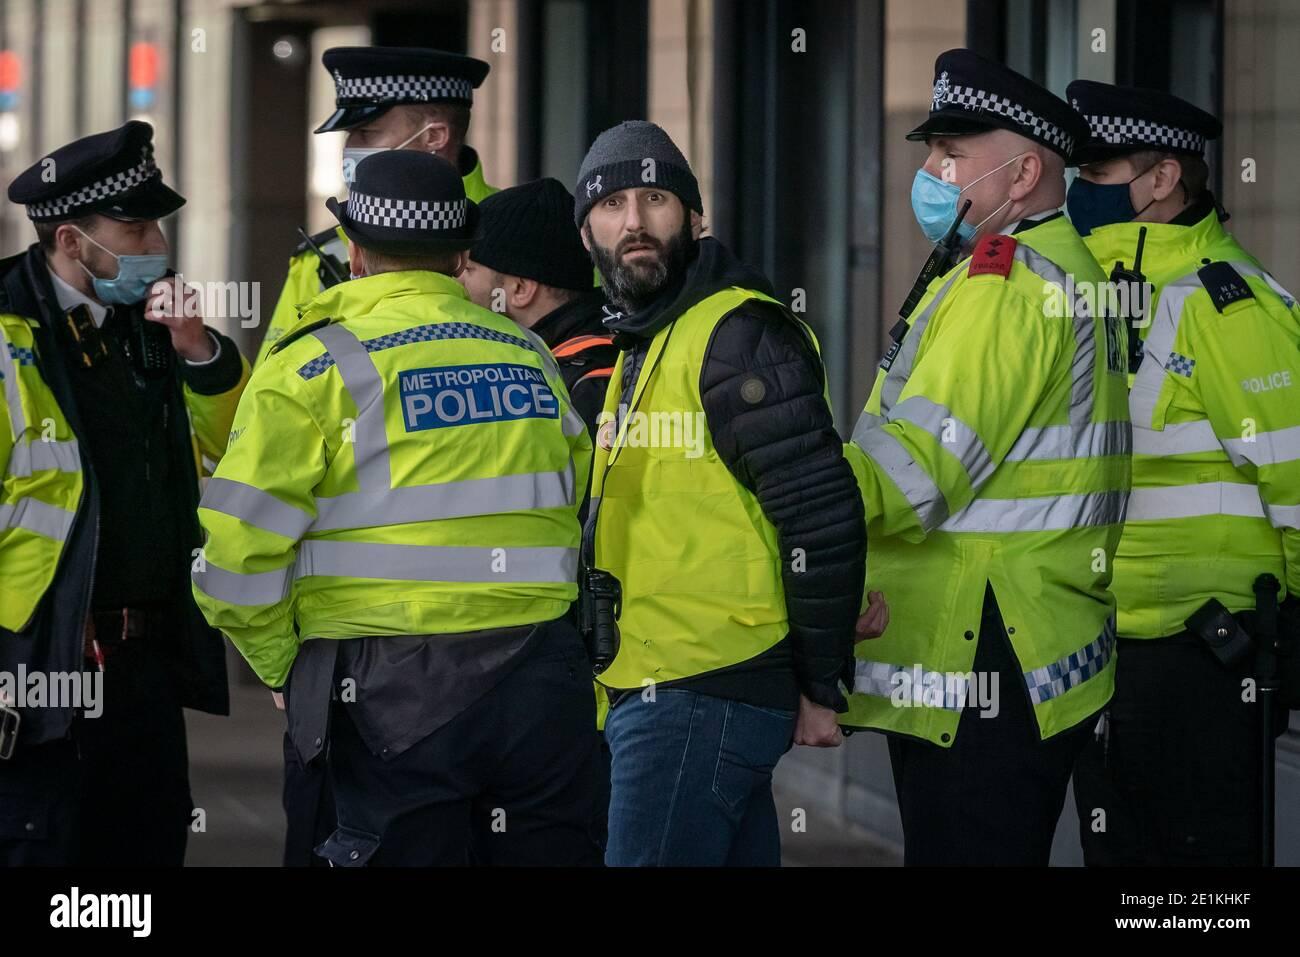 Coronavirus: Se realizan arrestos durante un intento de manifestación contra el bloqueo en Parliament Square, Londres, contra las actuales restricciones de bloqueo. Foto de stock